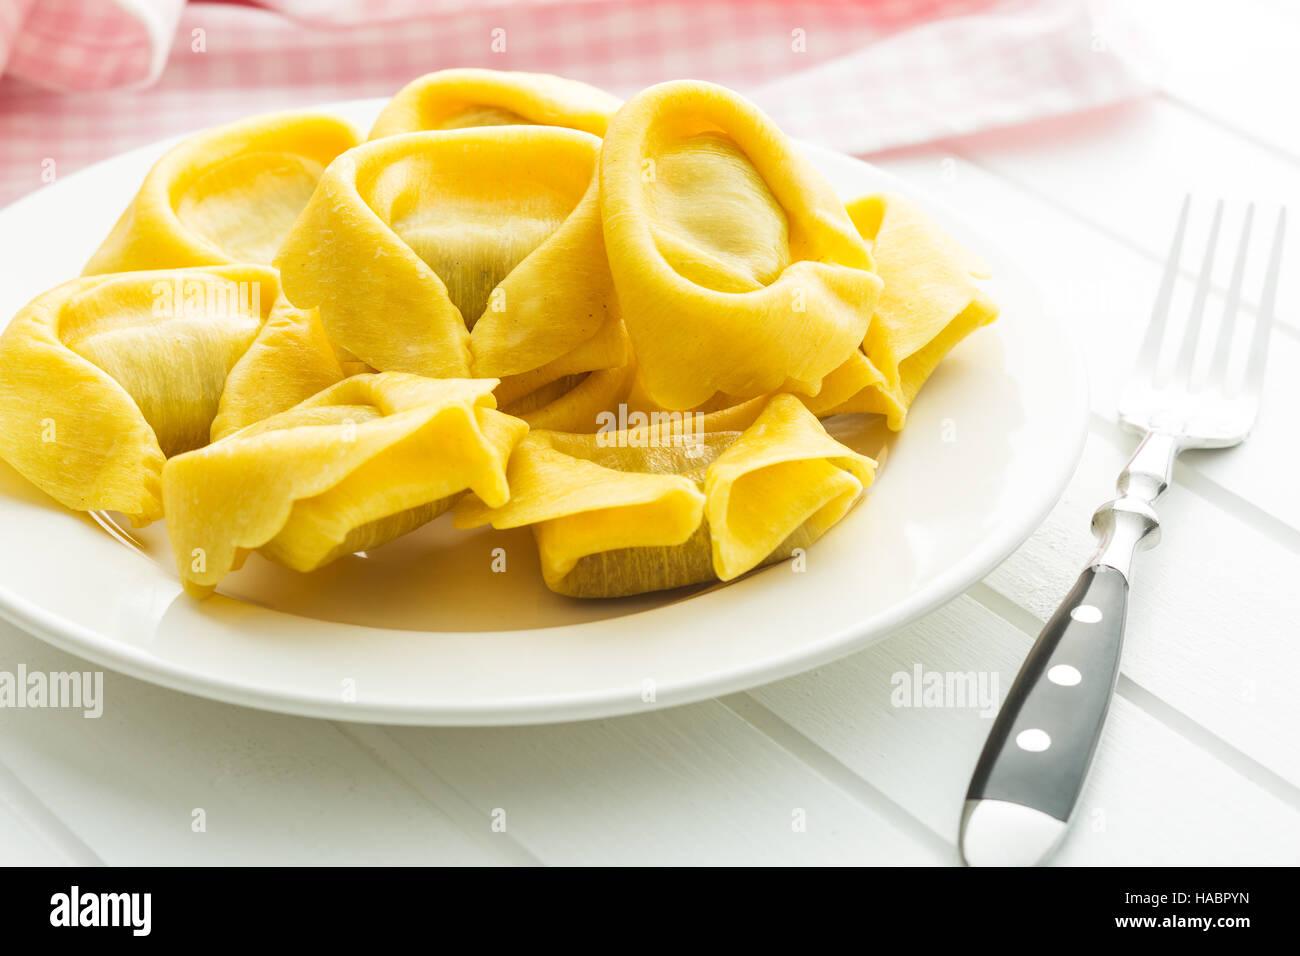 Pâtes tortellini traditionnel italien sur la plaque avec une fourchette. Photo Stock